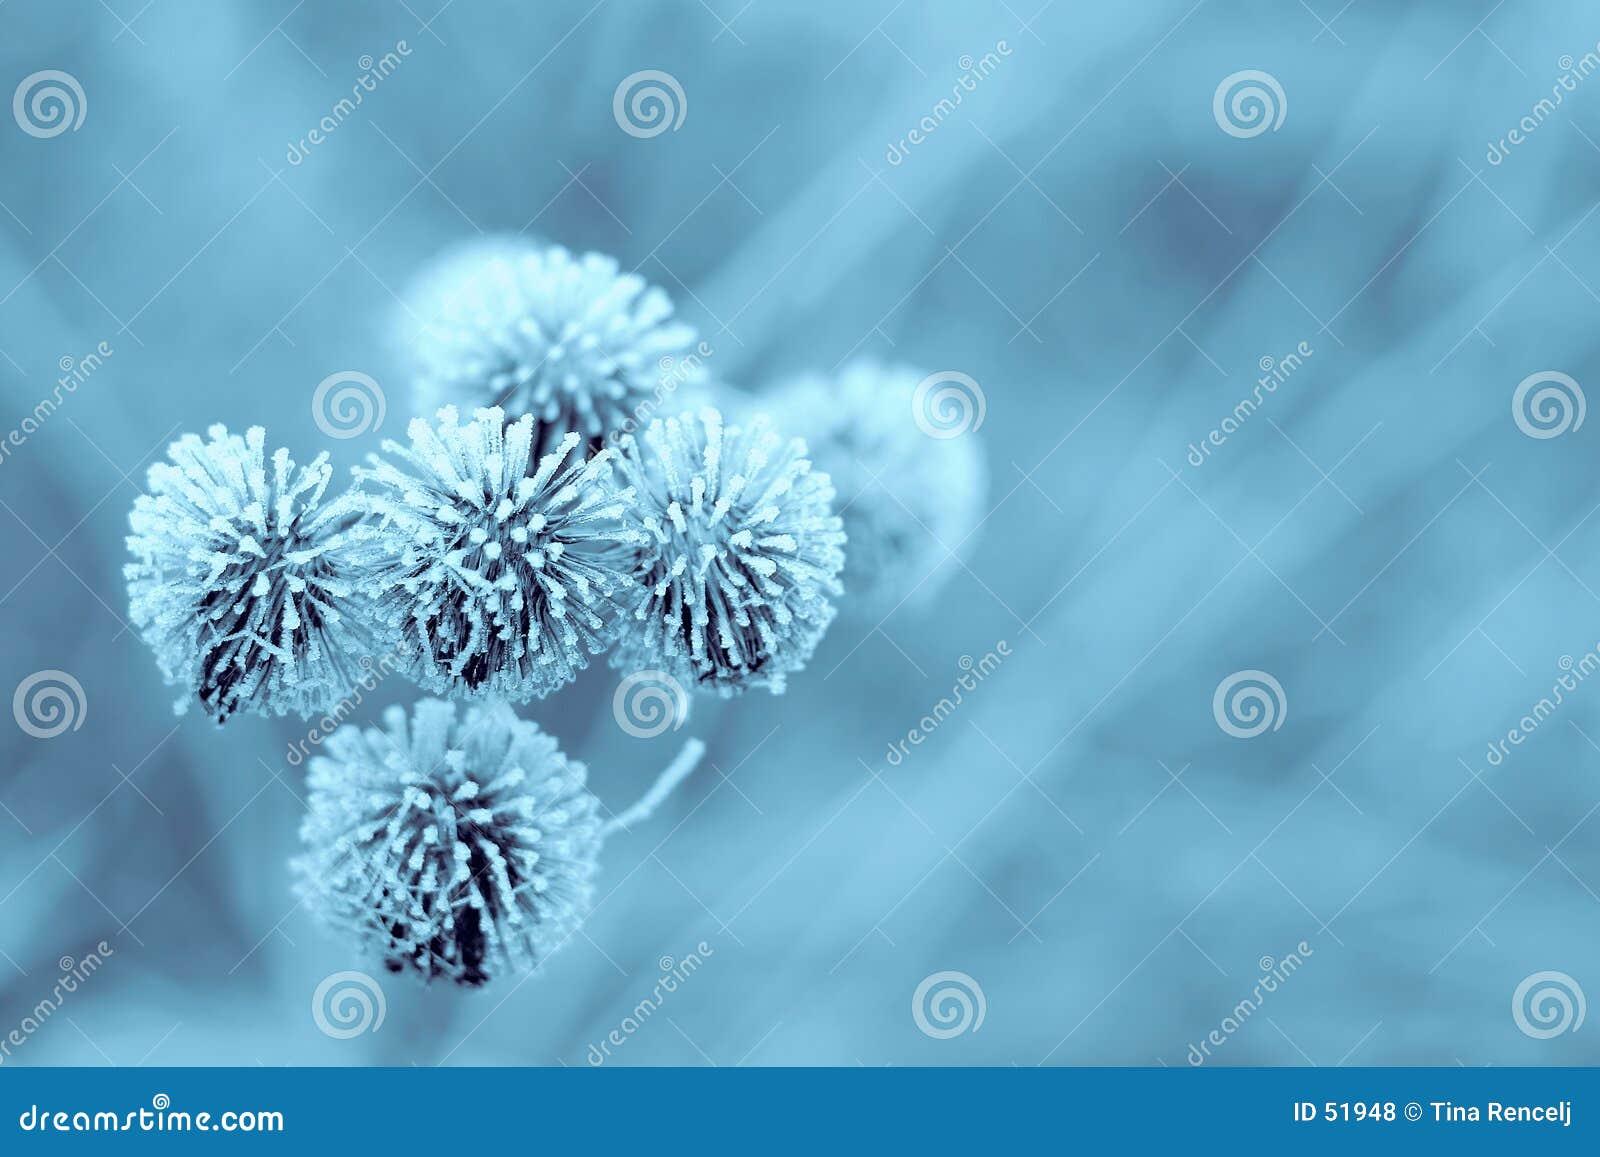 Download Burdock blu di inverno fotografia stock. Immagine di natale - 51948